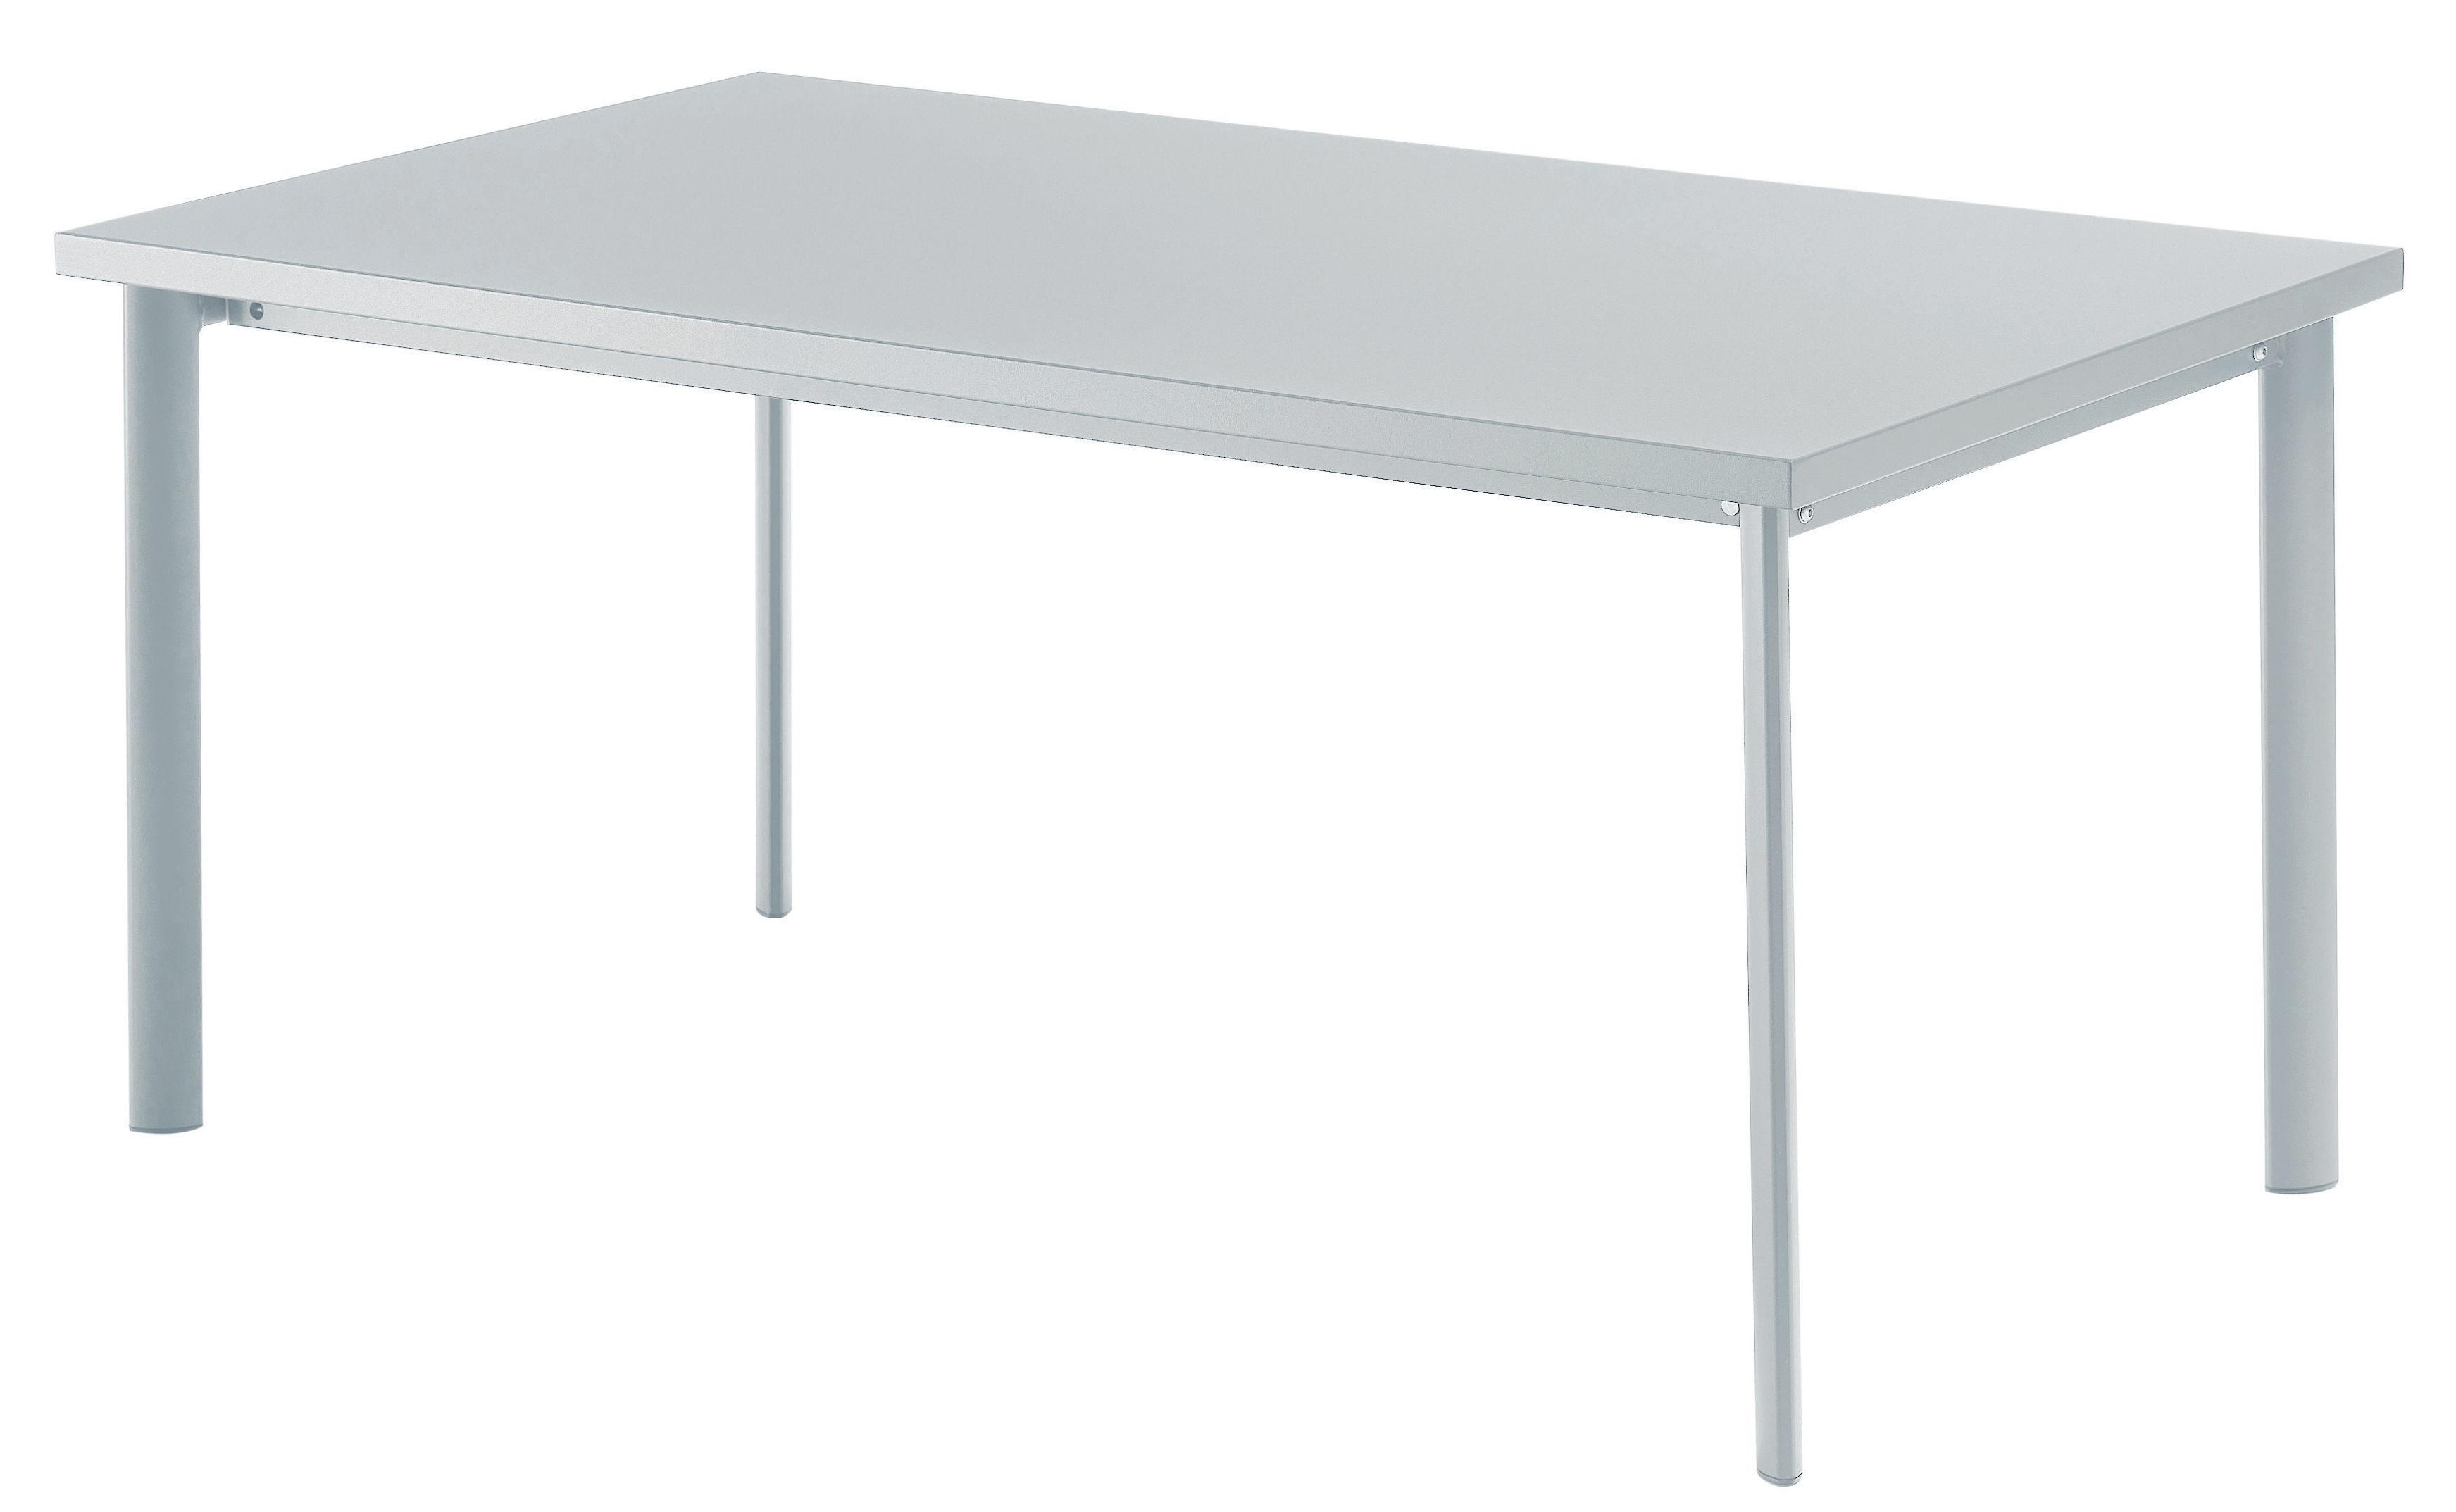 Outdoor - Tavoli  - Tavolo rettangolare Star - / 90 x 160 cm di Emu - Alluminio brillante - Acciaio verniciato, Inox, Lamiera galvanizzata